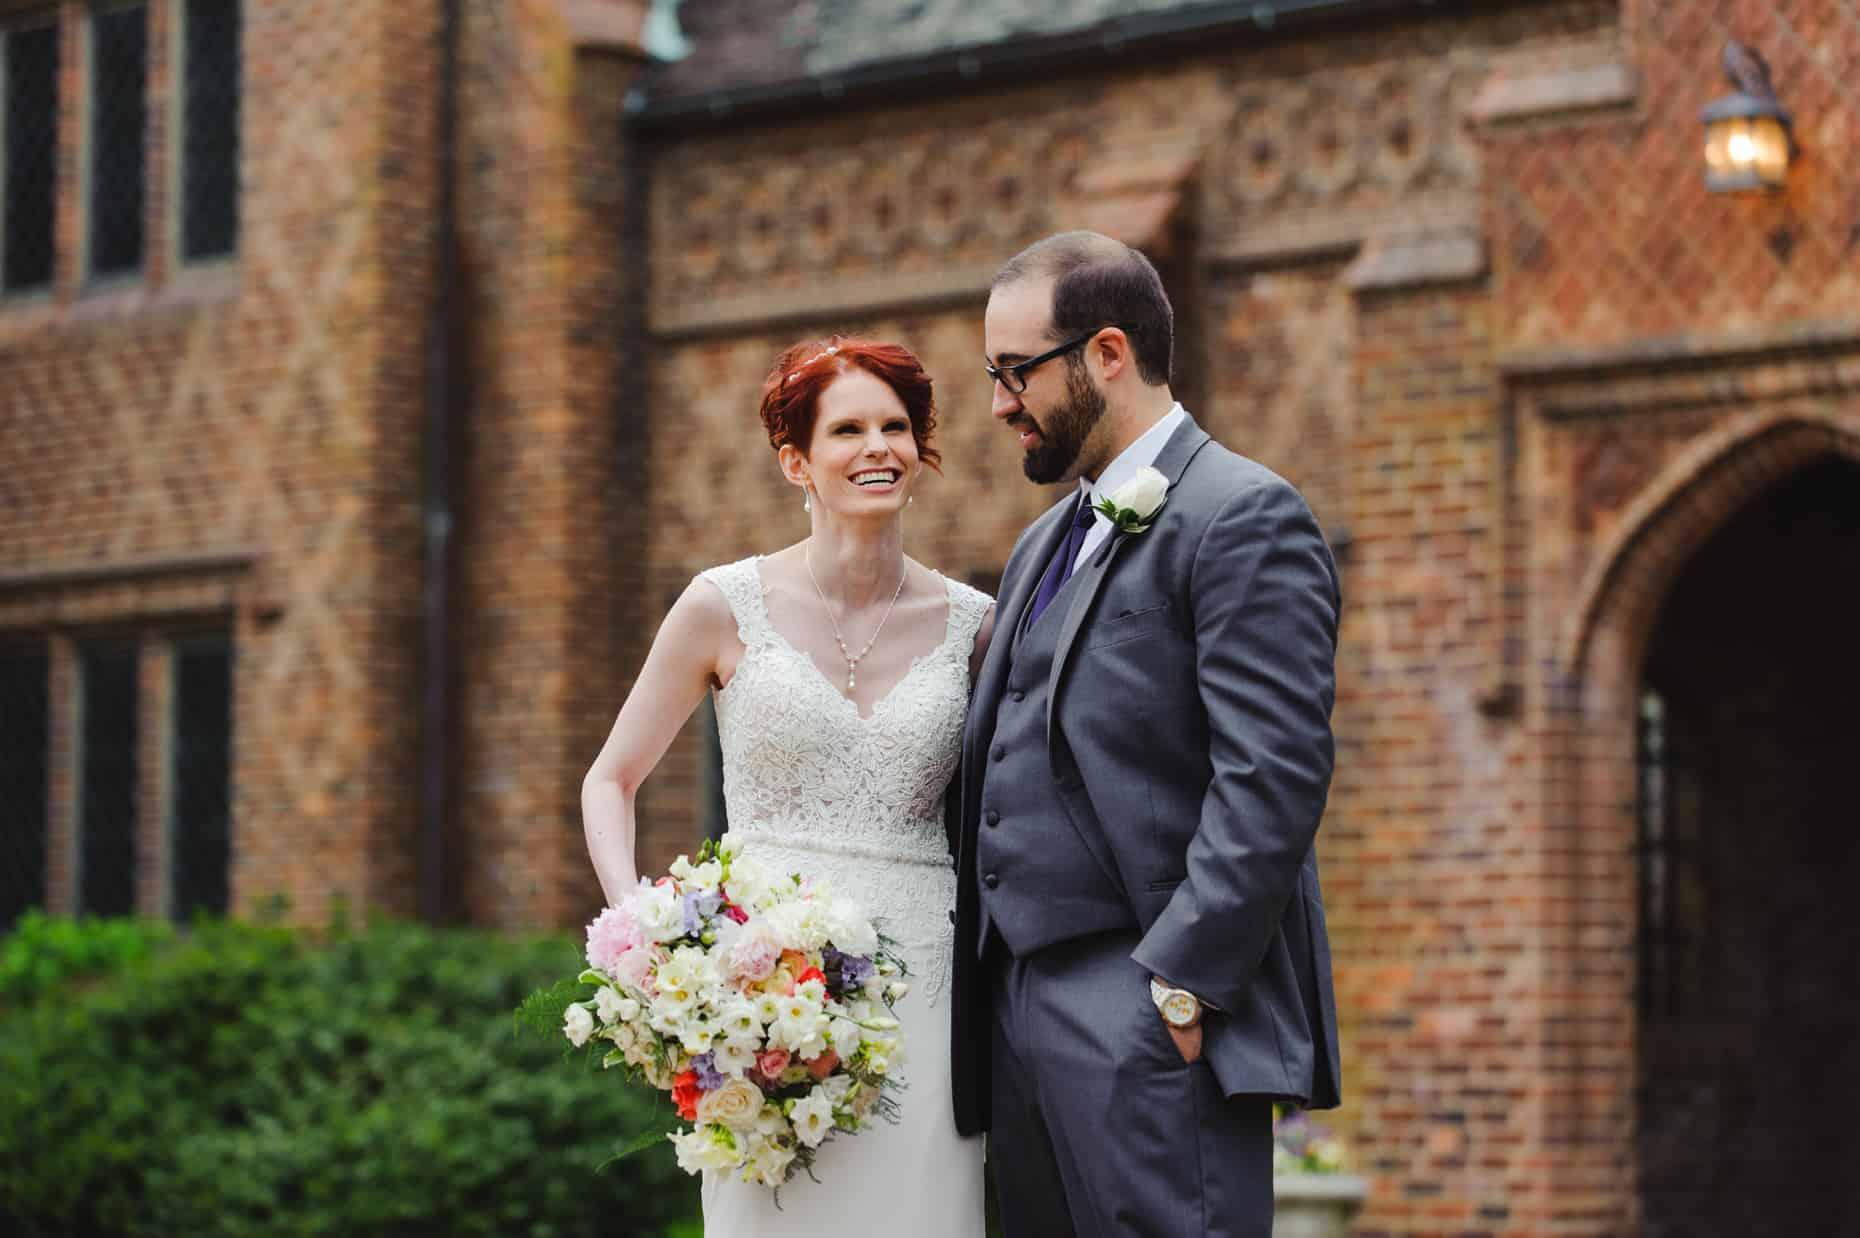 Bucks County Wedding Photo